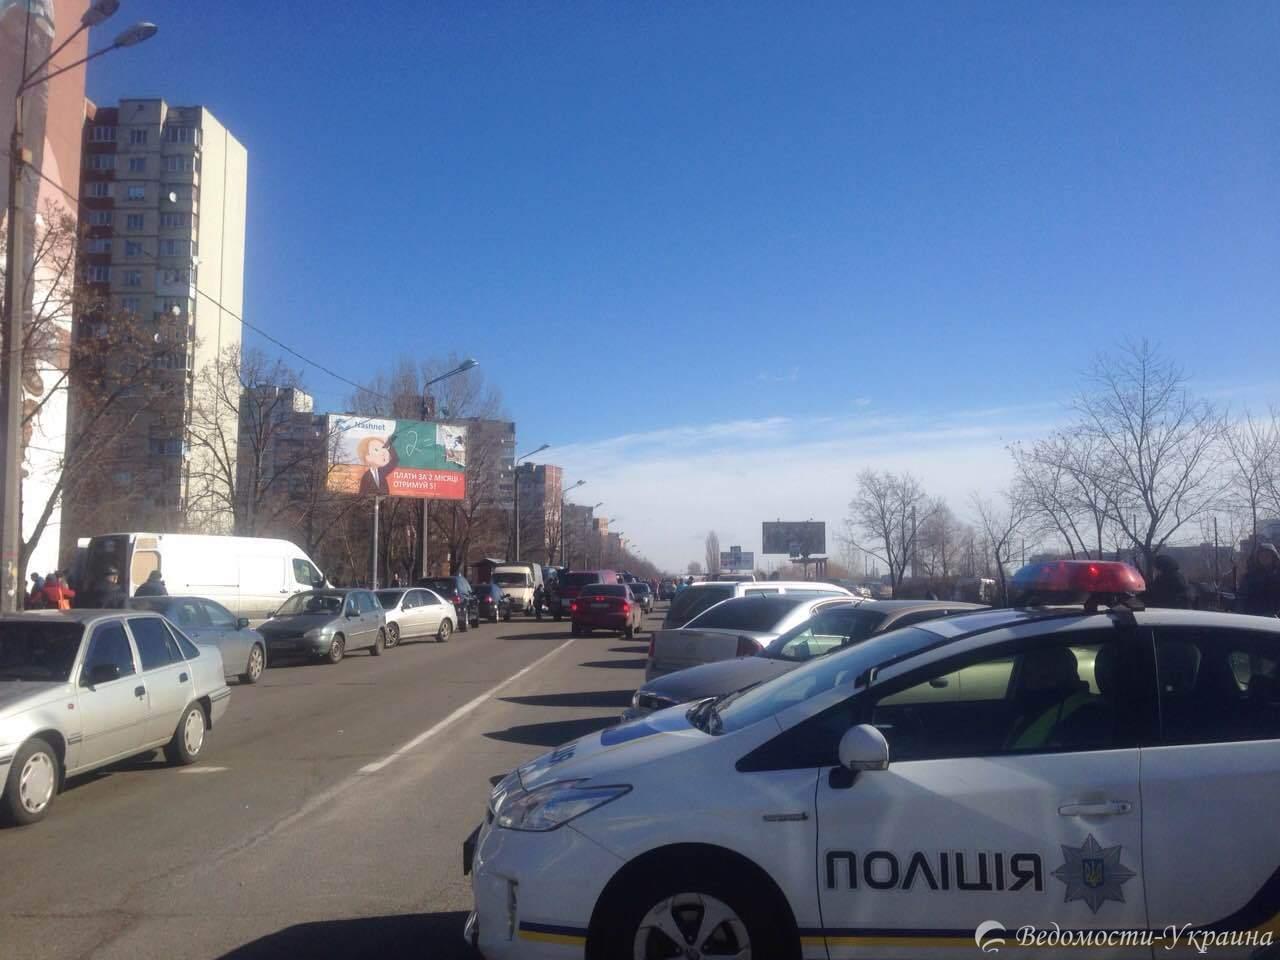 Фотофакт: из-за ярмарки в Деснянском районе Киева перекрыта одна из ключевых улиц